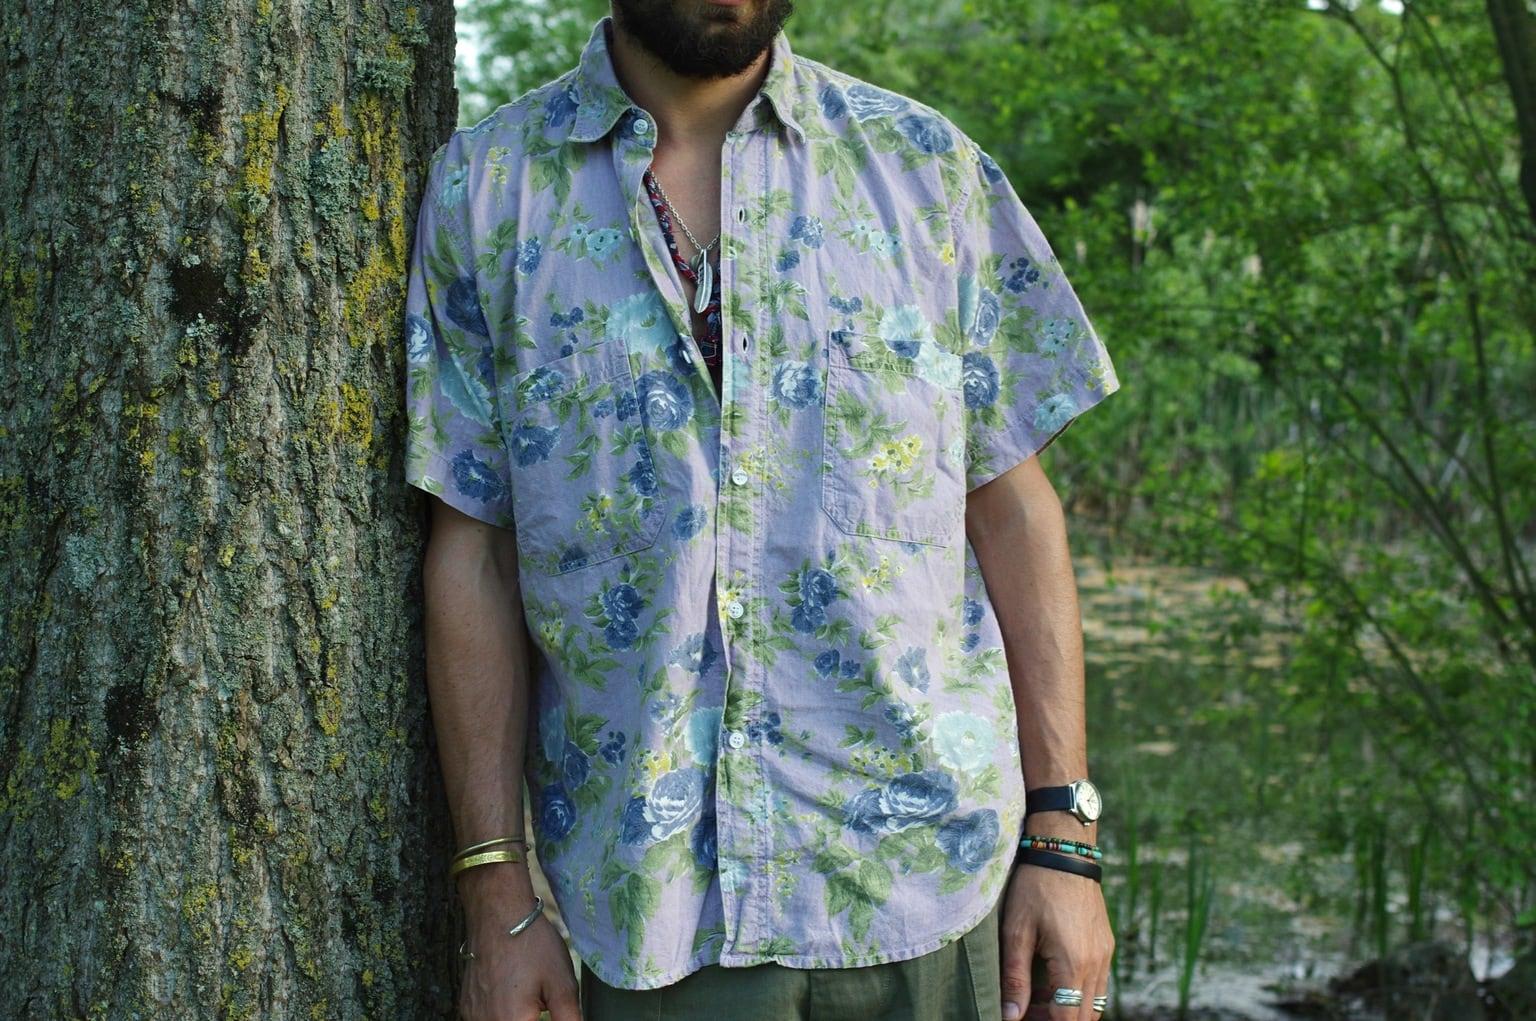 comment porter une chemisette à fleurs dans un looks homme style workwear l'été